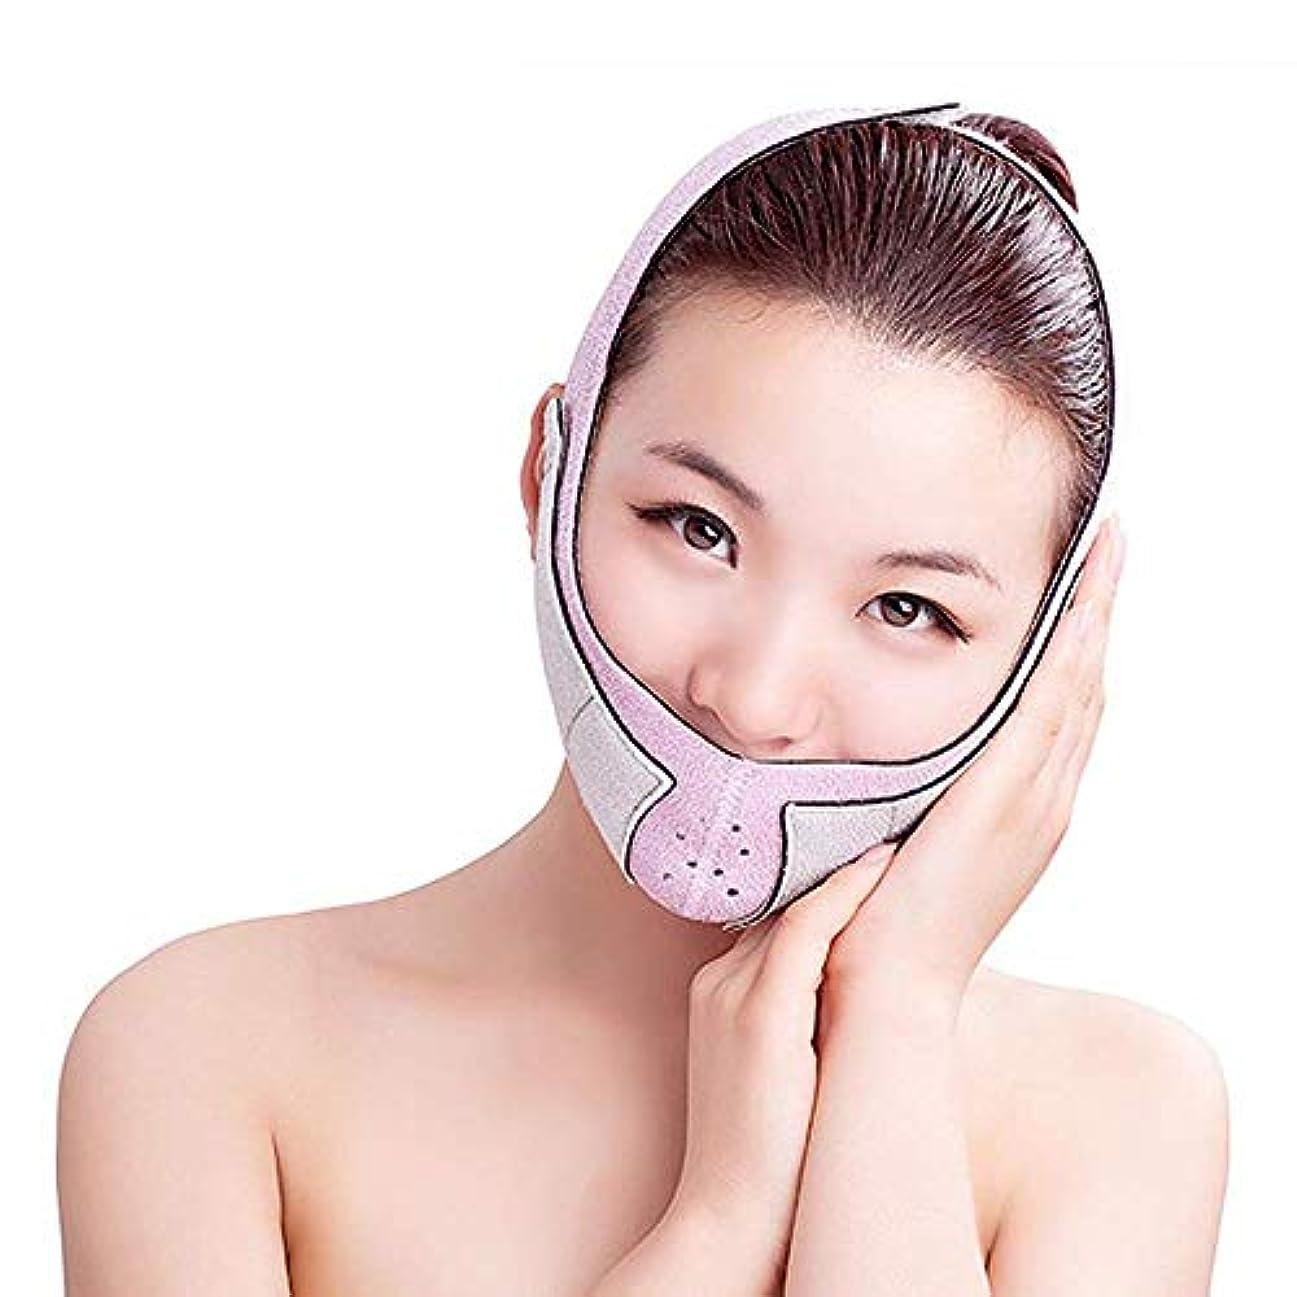 ギャロップ不快合図薄い顔ベルト薄い顔ベルト通気性の補正3D薄い顔V顔ベルト包帯薄い顔アーティファクト (色 : B)